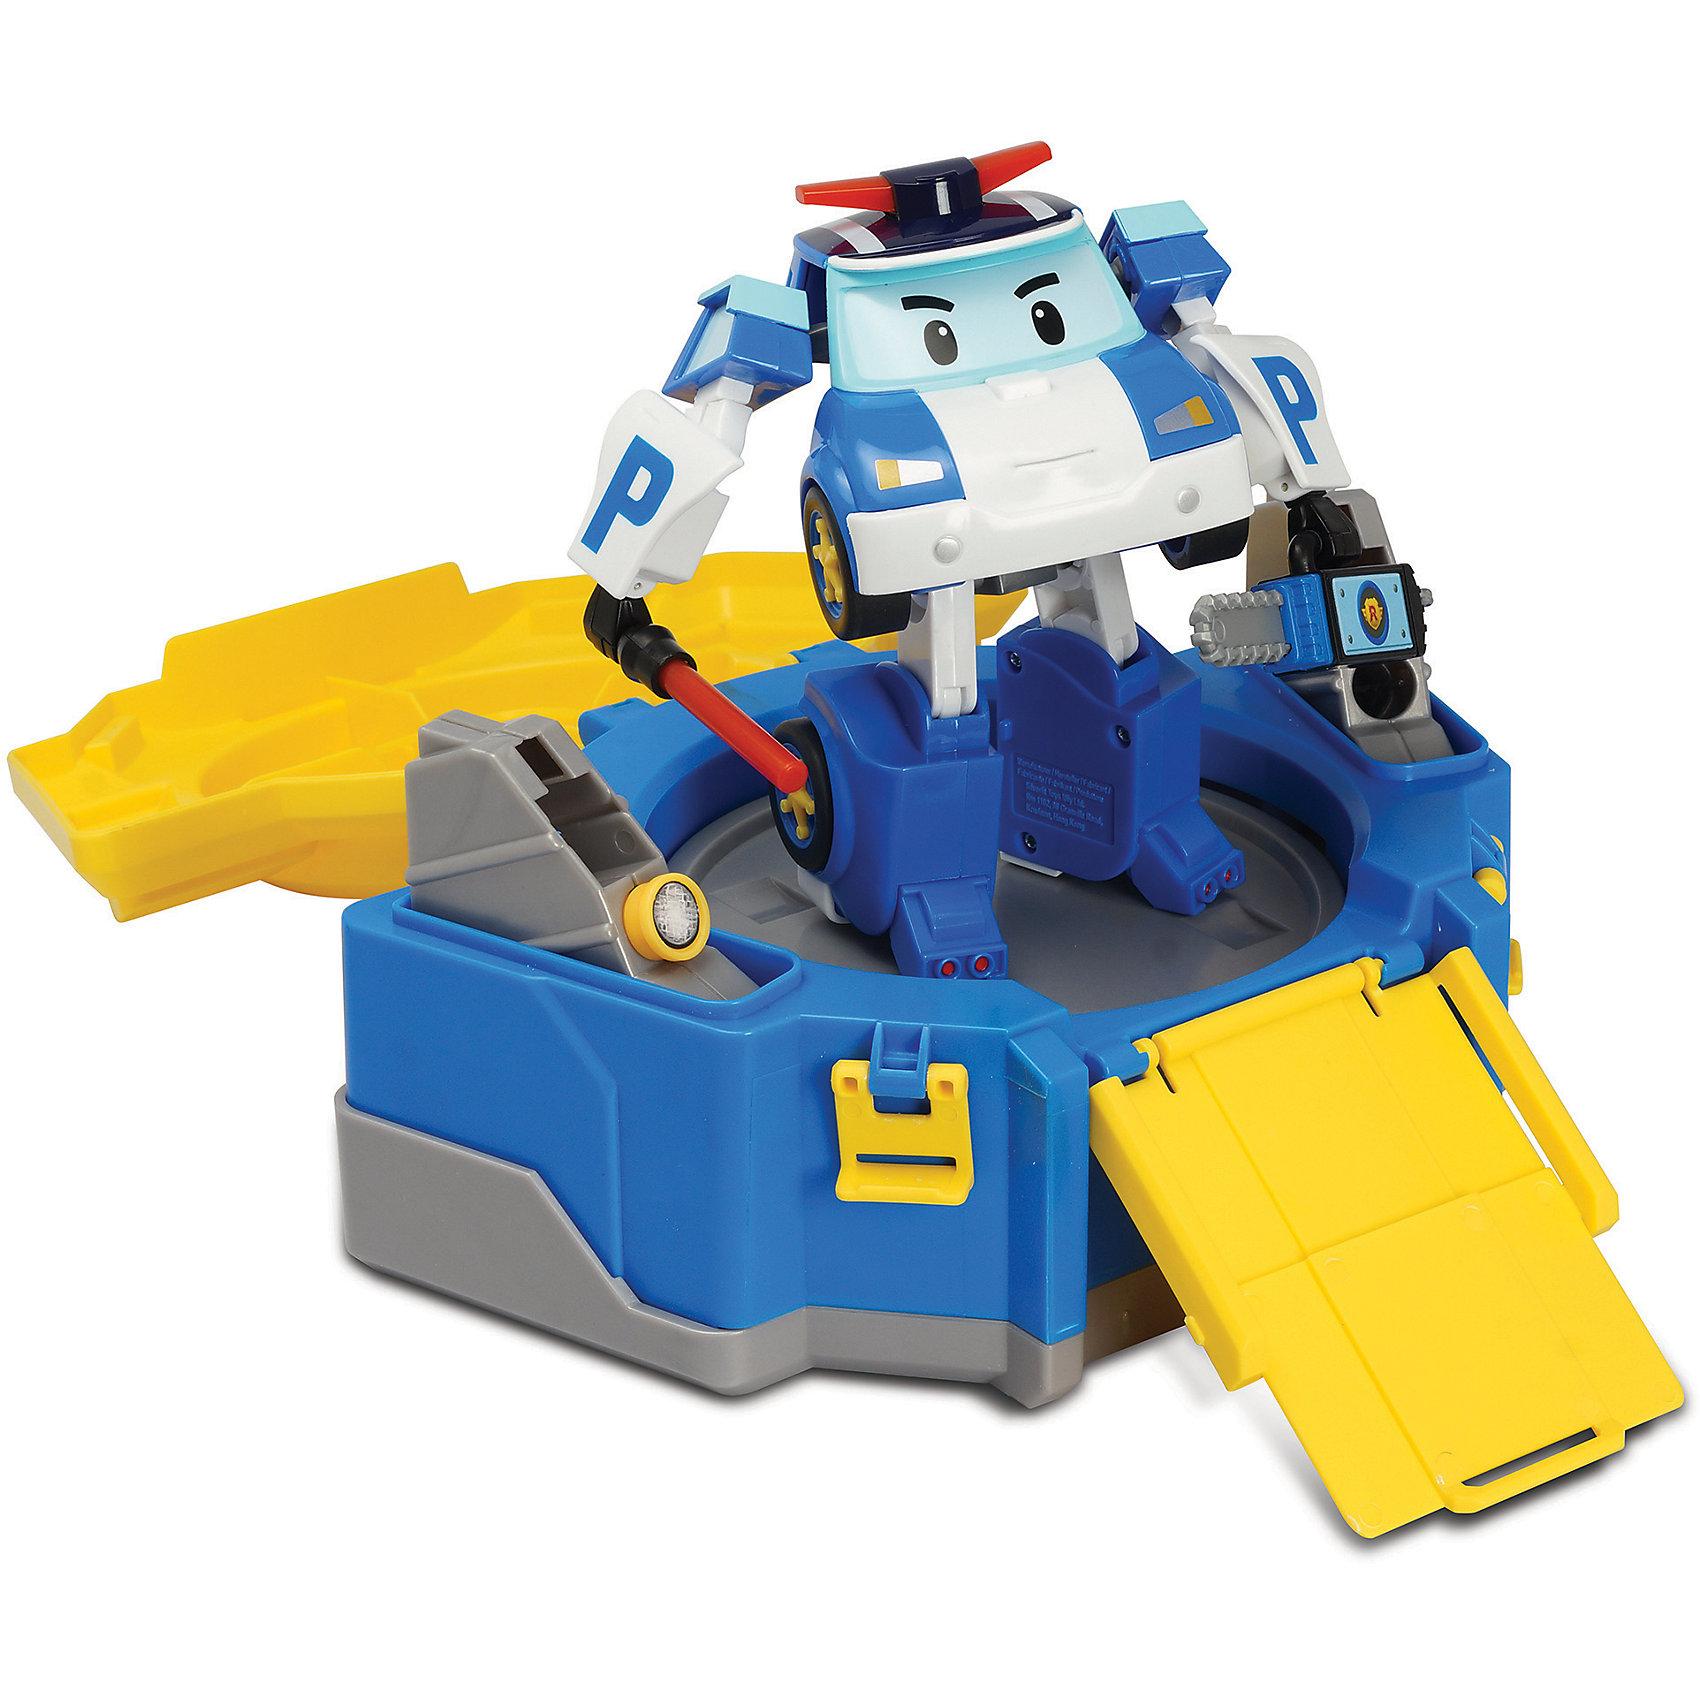 Кейс с гаражом и  трансформером Робокар Поли, 12 смПарковки и гаражи<br>Кейс с гаражом и  трансформером Робокар Поли, 12 см по мотивам полюбившегося мультсериала «Робокар Поли» станет изюминкой в коллекции игрушек ребенка. После открытия кейса автоматический лифт поднимает Робокара Поли на платформу, с которой удобно наблюдать за окружающим порядком Брумстауне. Кейс можно использовать в качестве гаража с пандусом, по которому Поли может заехать в свой полицейский участок и отдохнуть, просмотреть полученные вызовы и составить план работы на следующий день.<br><br>Характеристики:<br>-Развивает: воображение, пространственное мышление, мелкую моторику, речь, фантазию<br>-Игрушка выполнена из высококачественного пластика, с аккуратно обработанными краями, использованные красители не токсичны и гипоаллергенны<br>-Кейс служит для хранения и переноски Робокара в гости, на прогулку<br>-Машина-спасатель легко трансформируется в робота<br><br>Комплектация: машинка-трансформер Поли, кейс-гараж, инструменты (жезл, фонарик, дрель, бензопила)<br><br>Дополнительная информация:<br>-Материалы: пластик, металл<br>-Размеры в упаковке: 36х14х21 см<br>-Вес в упаковке: 900 г<br>-Размер Робокара: 12 см<br>-Размер кейса: 15 см<br><br>Кейс с гаражом и  трансформером Робокар Поли, 12 см можно купить в нашем магазине.<br><br>Ширина мм: 360<br>Глубина мм: 140<br>Высота мм: 210<br>Вес г: 900<br>Возраст от месяцев: 36<br>Возраст до месяцев: 84<br>Пол: Унисекс<br>Возраст: Детский<br>SKU: 4281693